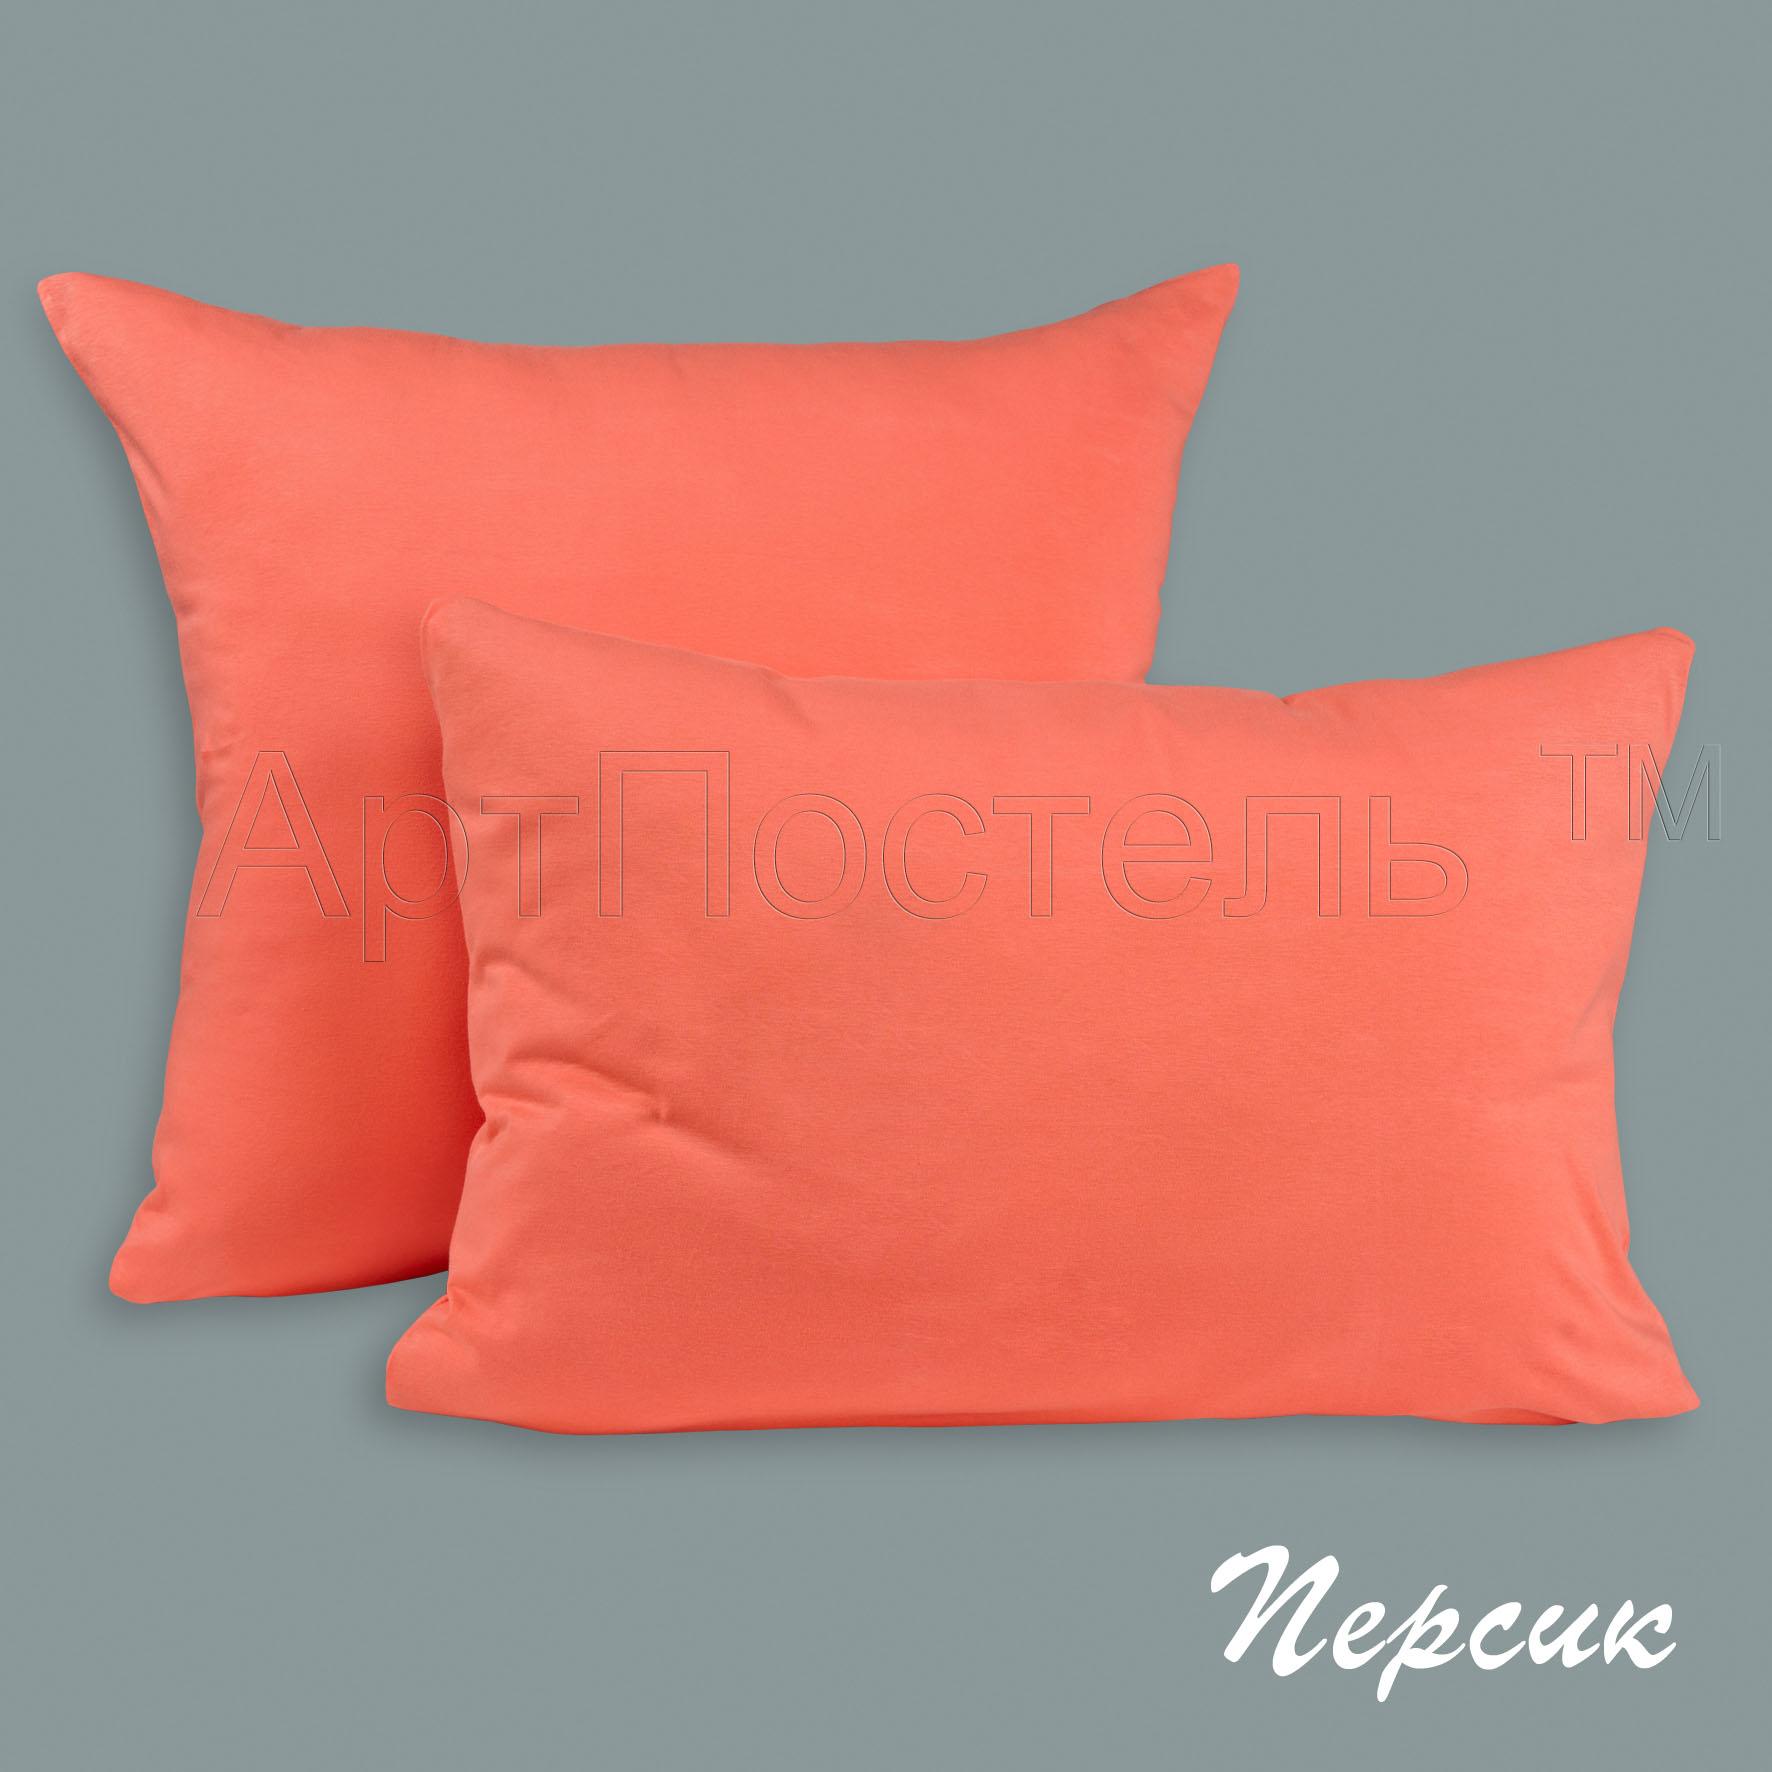 Наволочки Персик, размер 50х70 смНаволочки<br>Плотность ткани:140 г/кв. м<br>Количество:2 шт.<br><br>Тип: Наволочки<br>Размер: 50х70<br>Материал: Кулирка